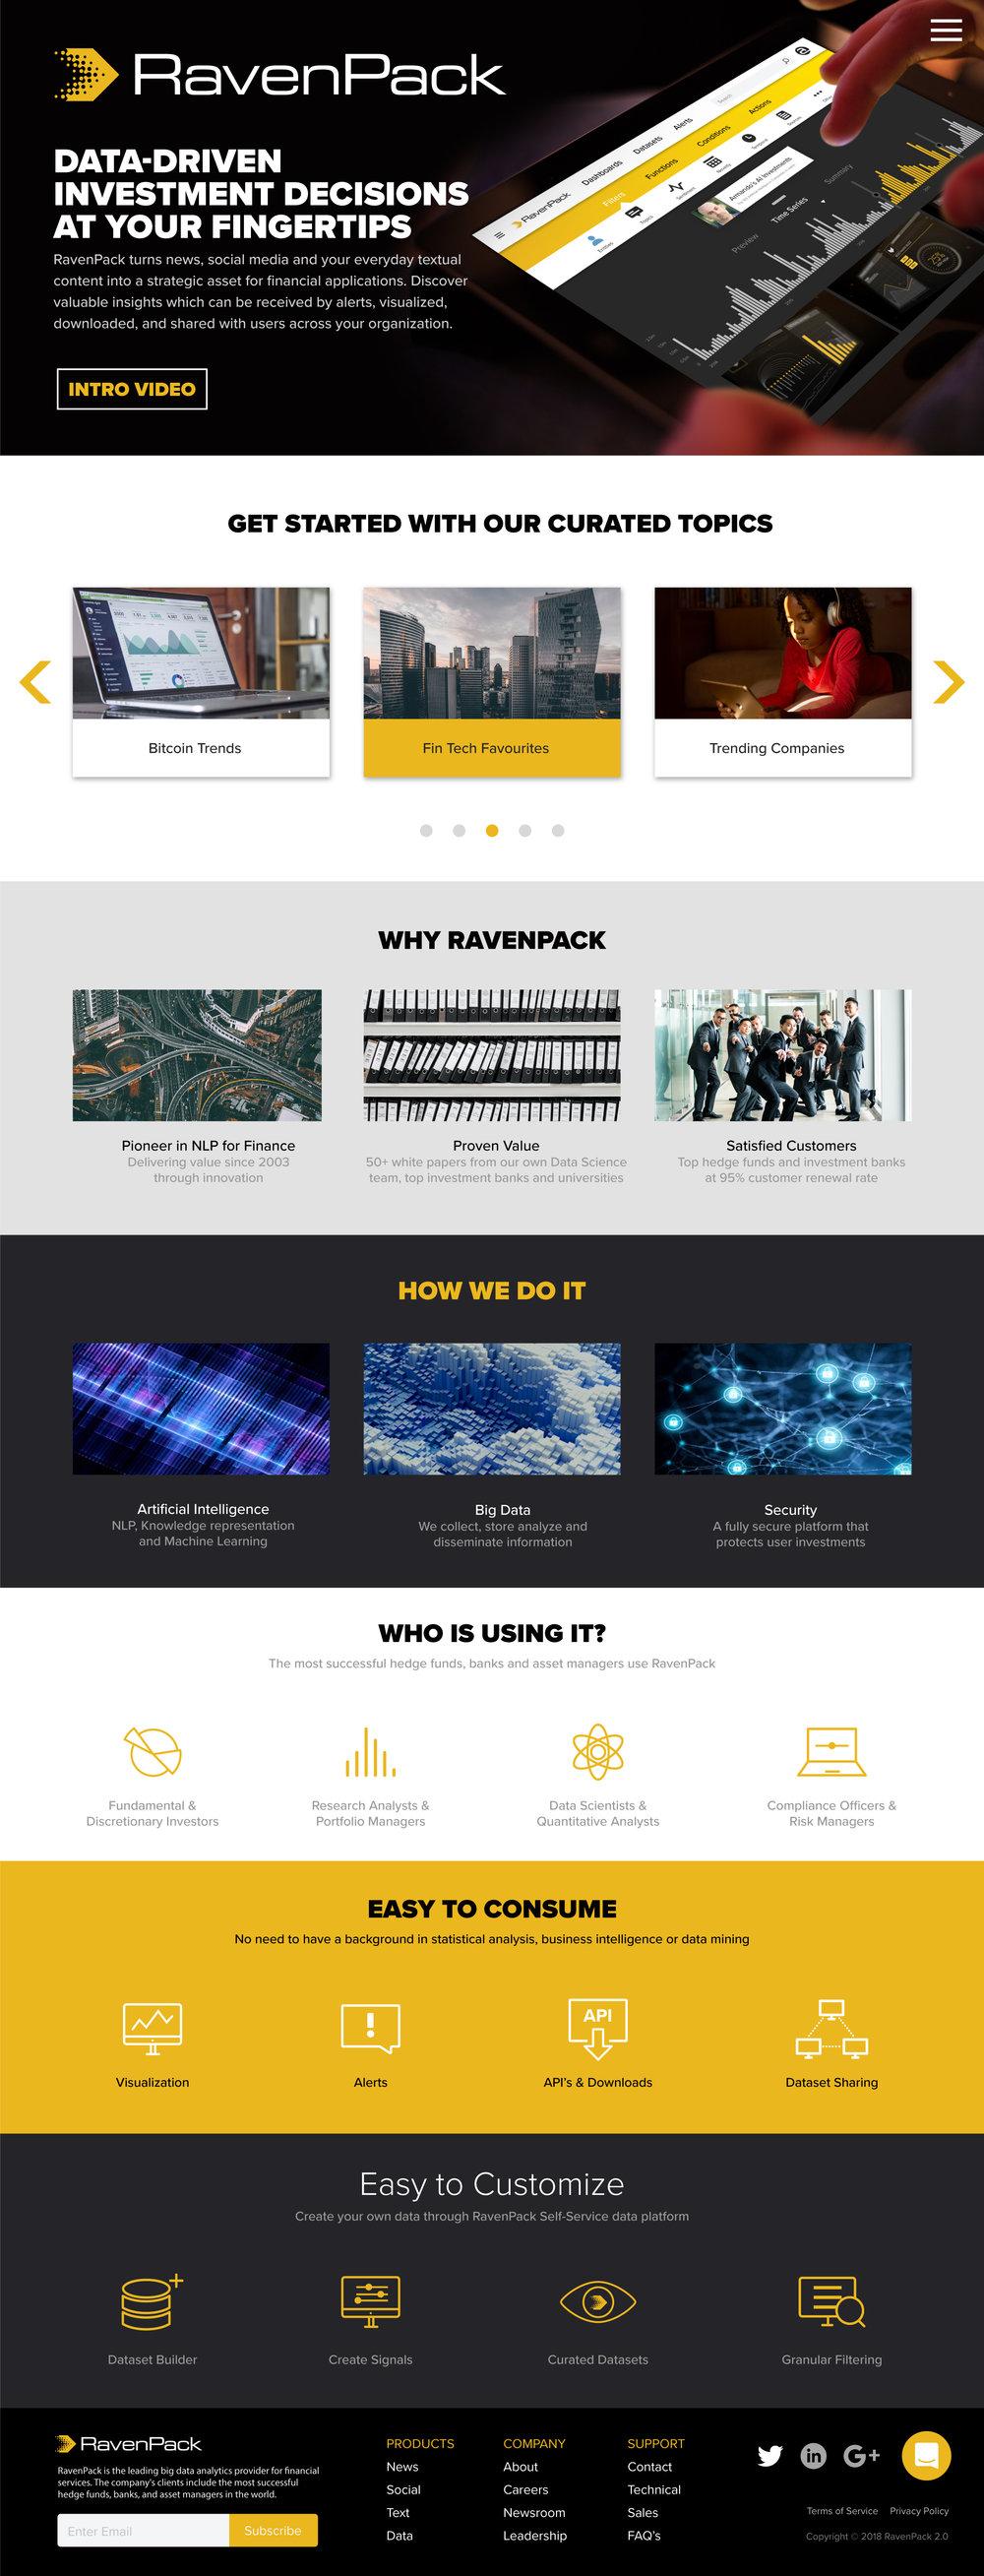 ravenpack-web-UI-02.jpg